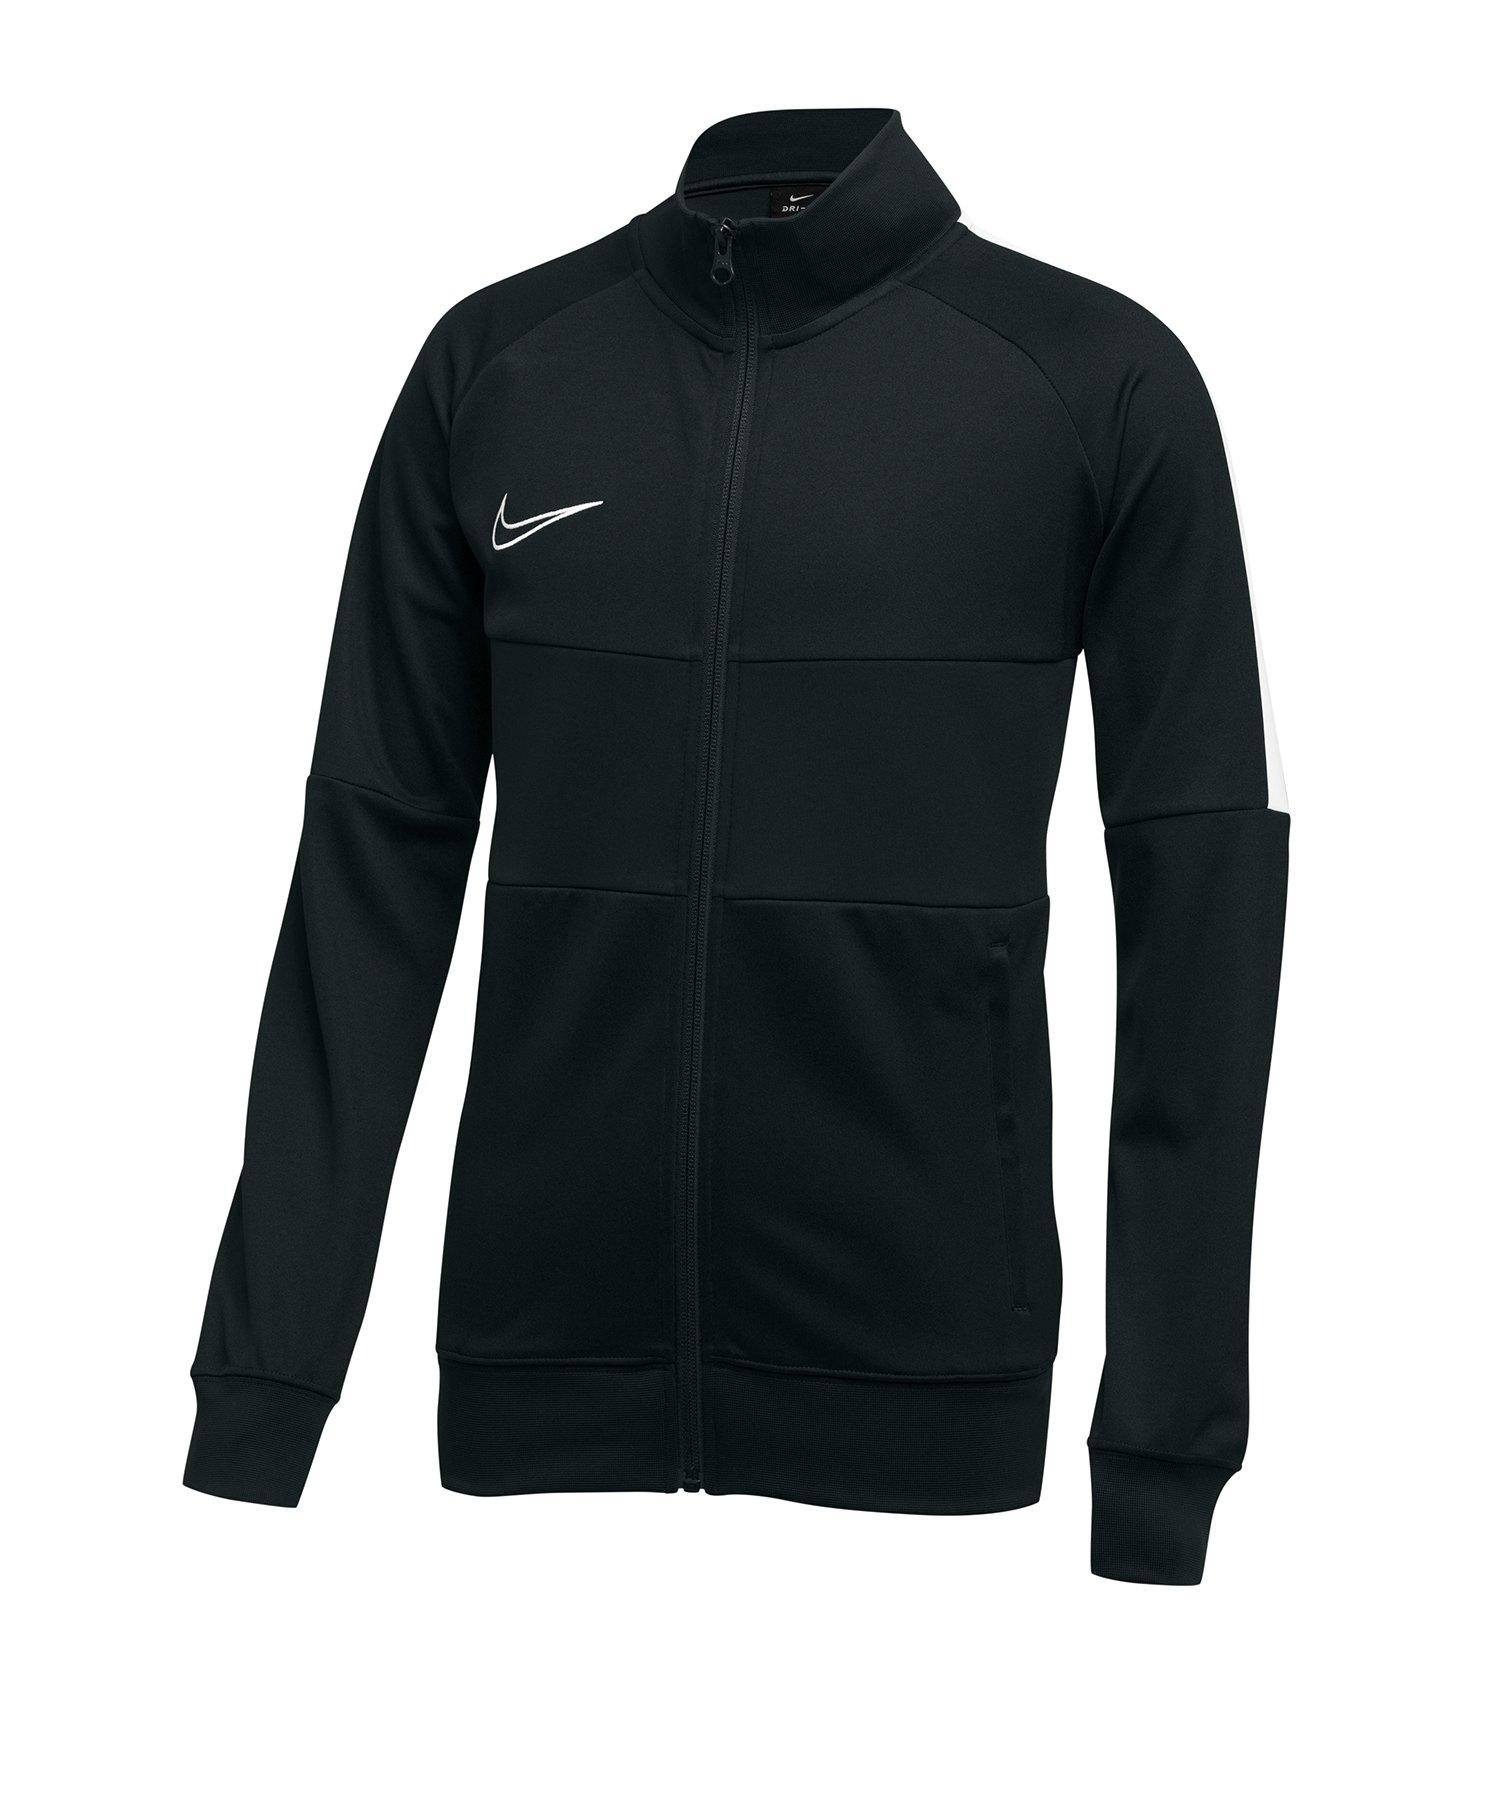 Nike Academy 19 Dri-FIT Jacke Kids Schwarz F010 - Schwarz